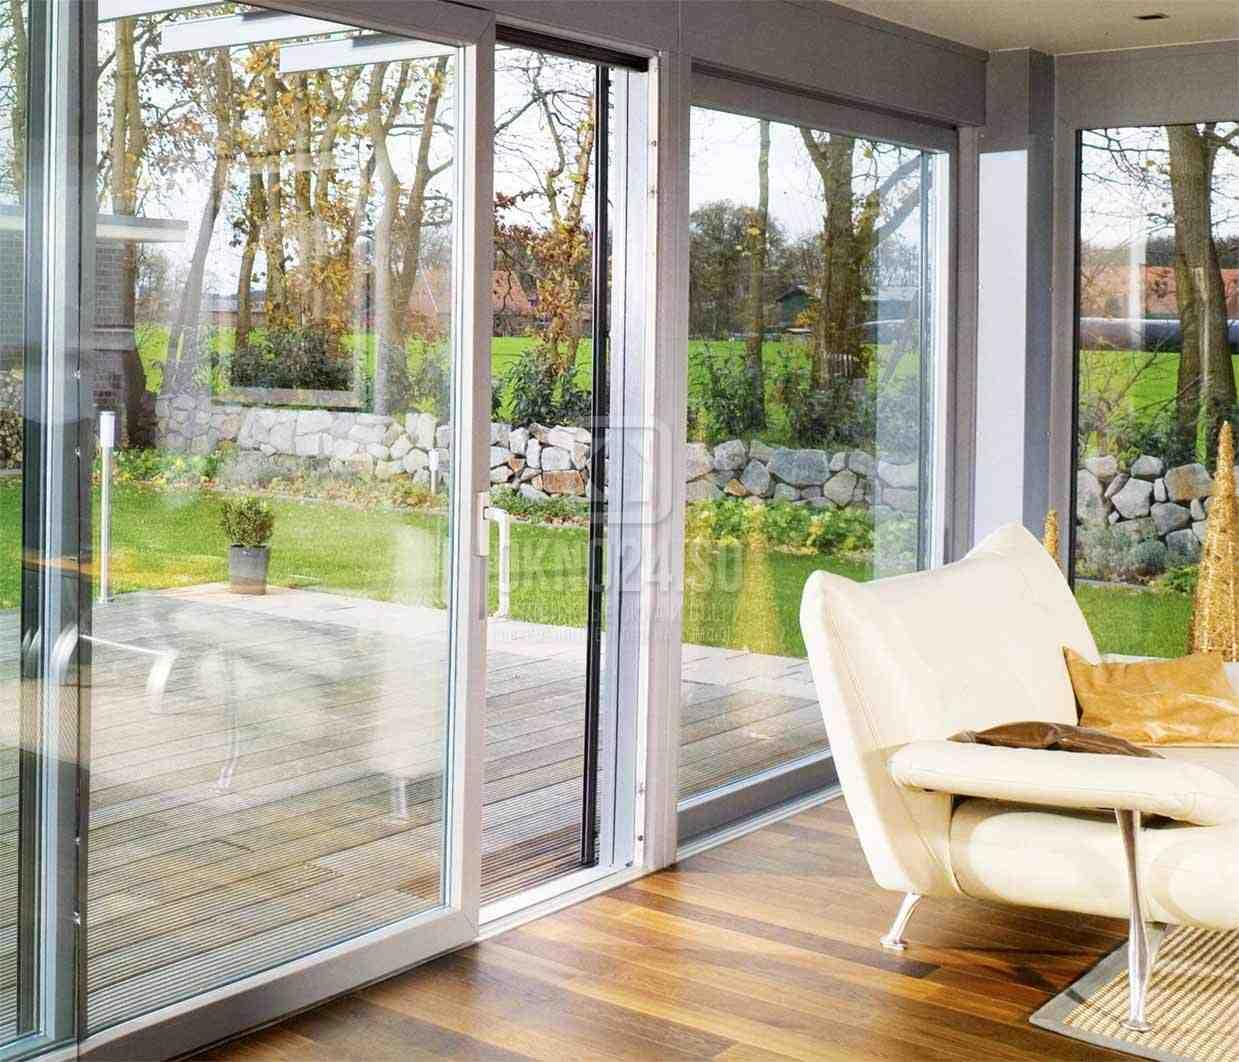 Пластиковые раздвижные окна для лоджии, балкона in на балкон.